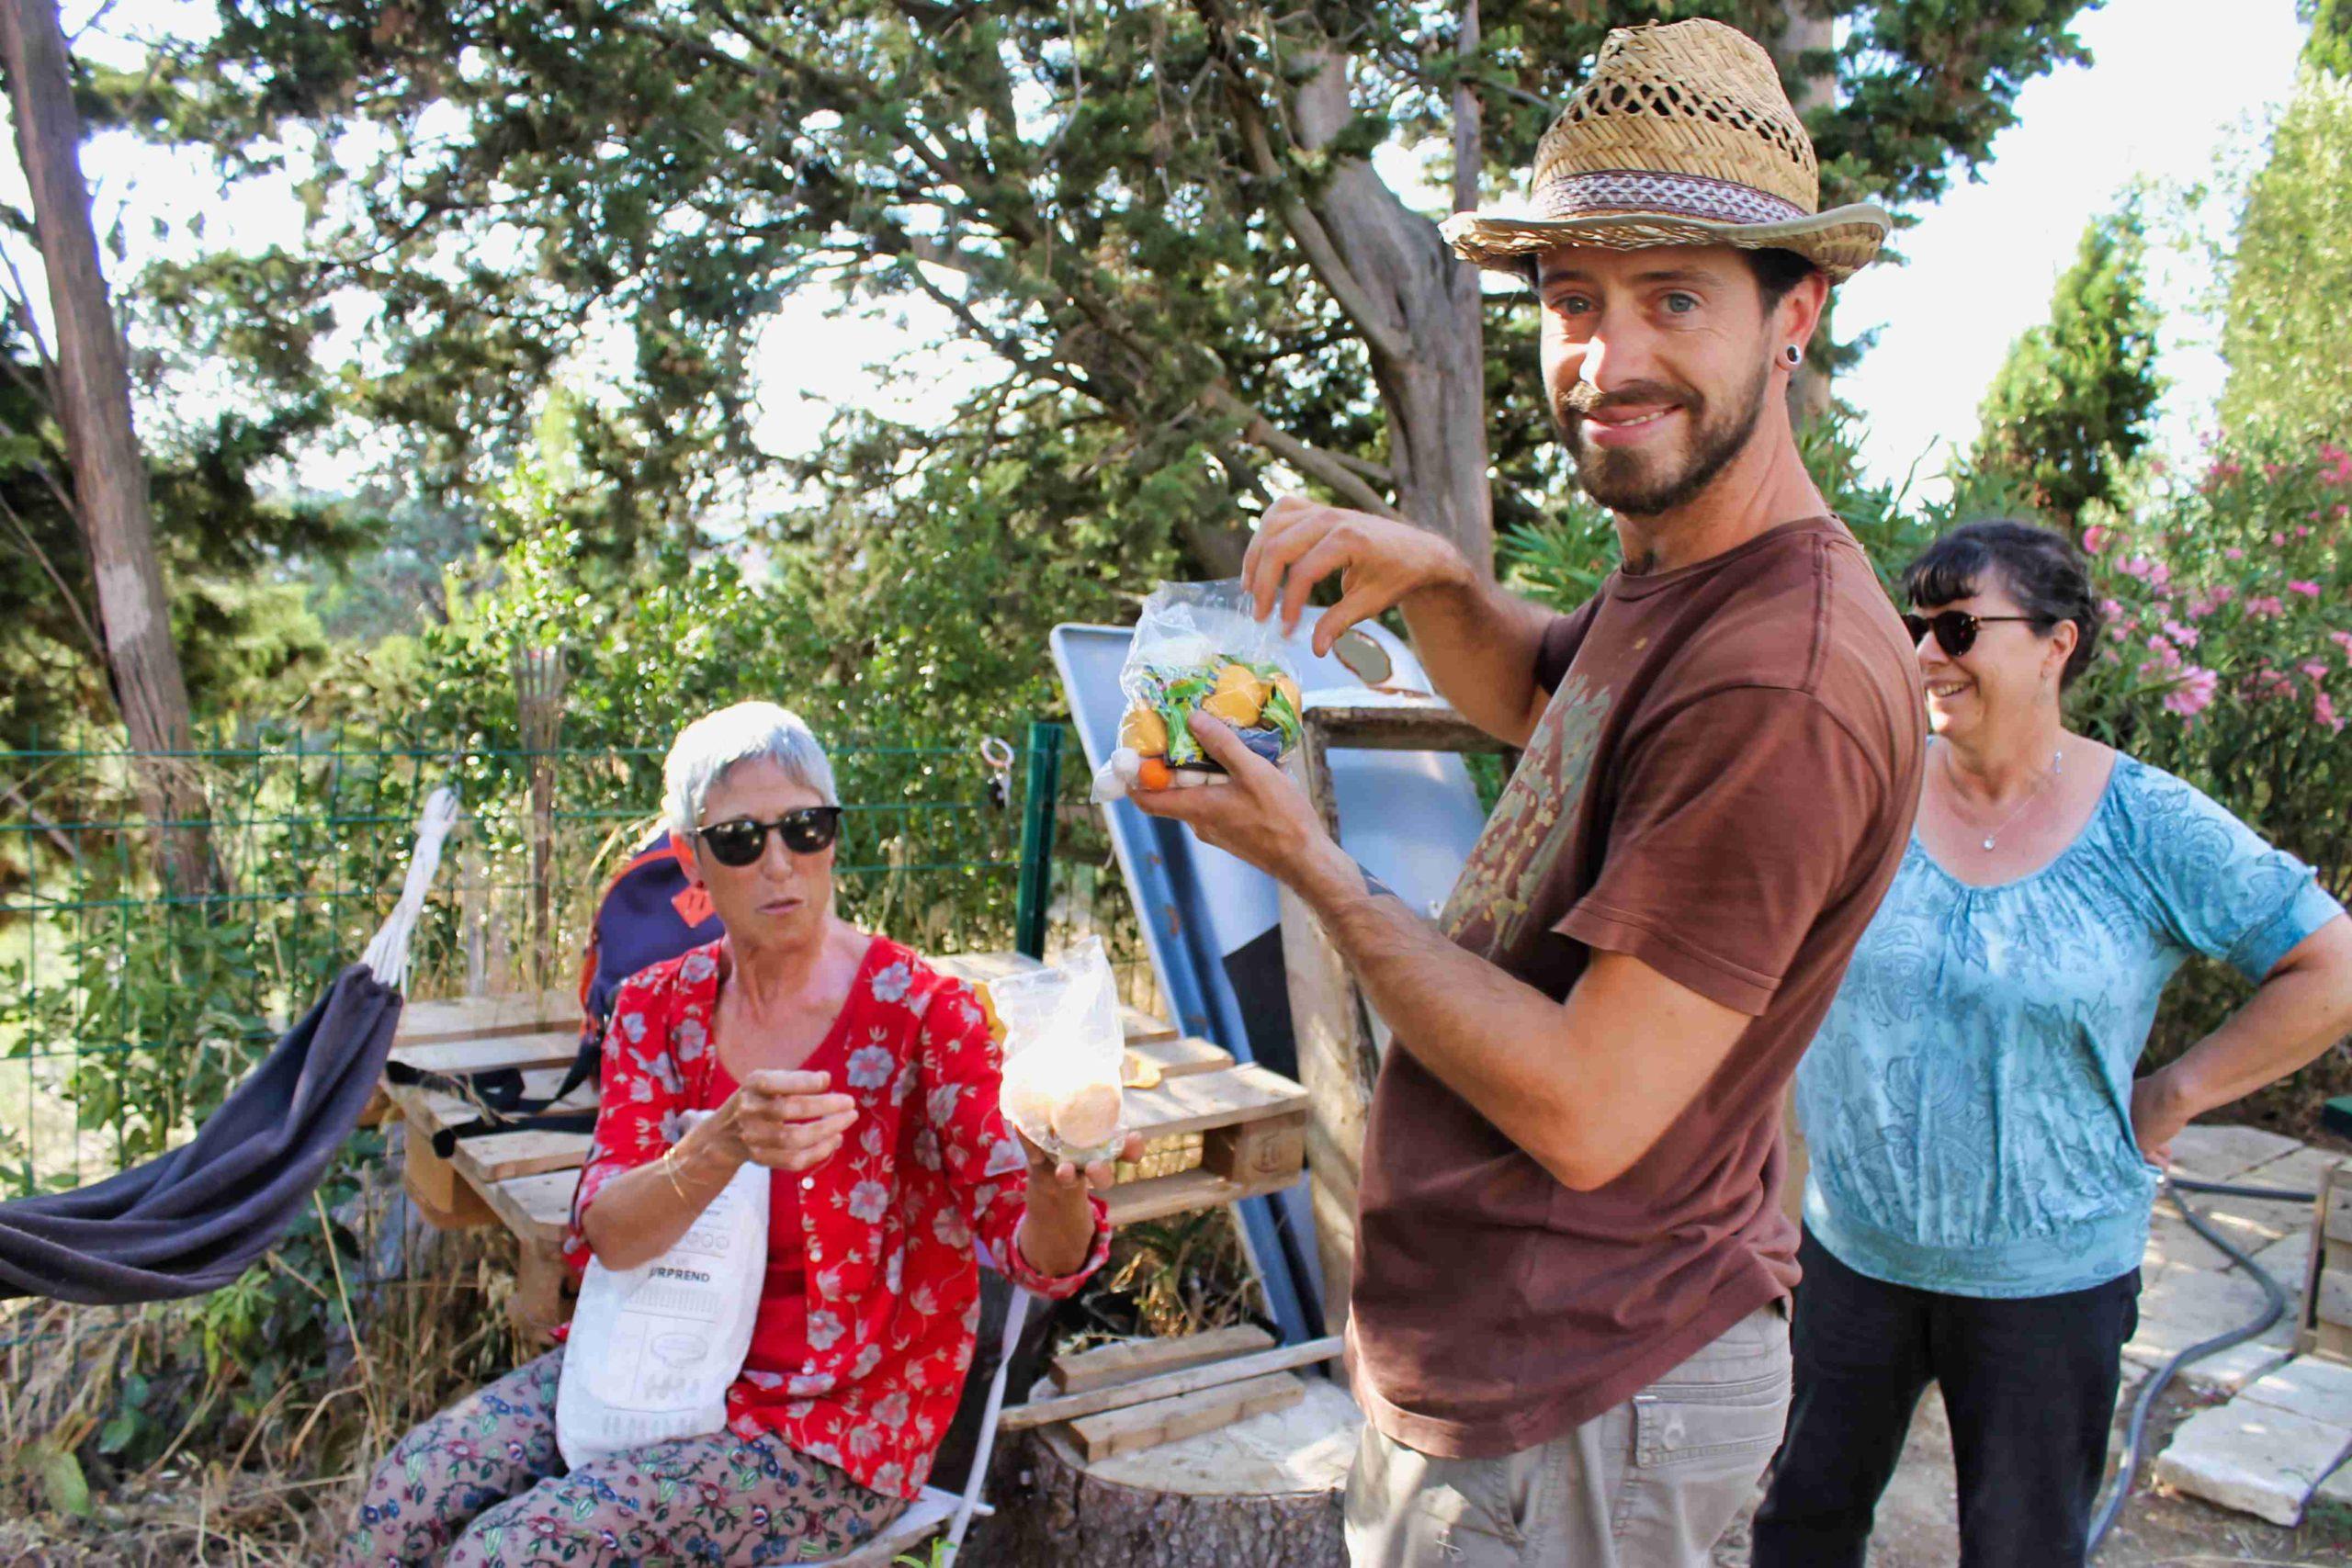 des gens partageant un repas dans un jardin partagée en été, sous un beau soleil de fin d'après-midi